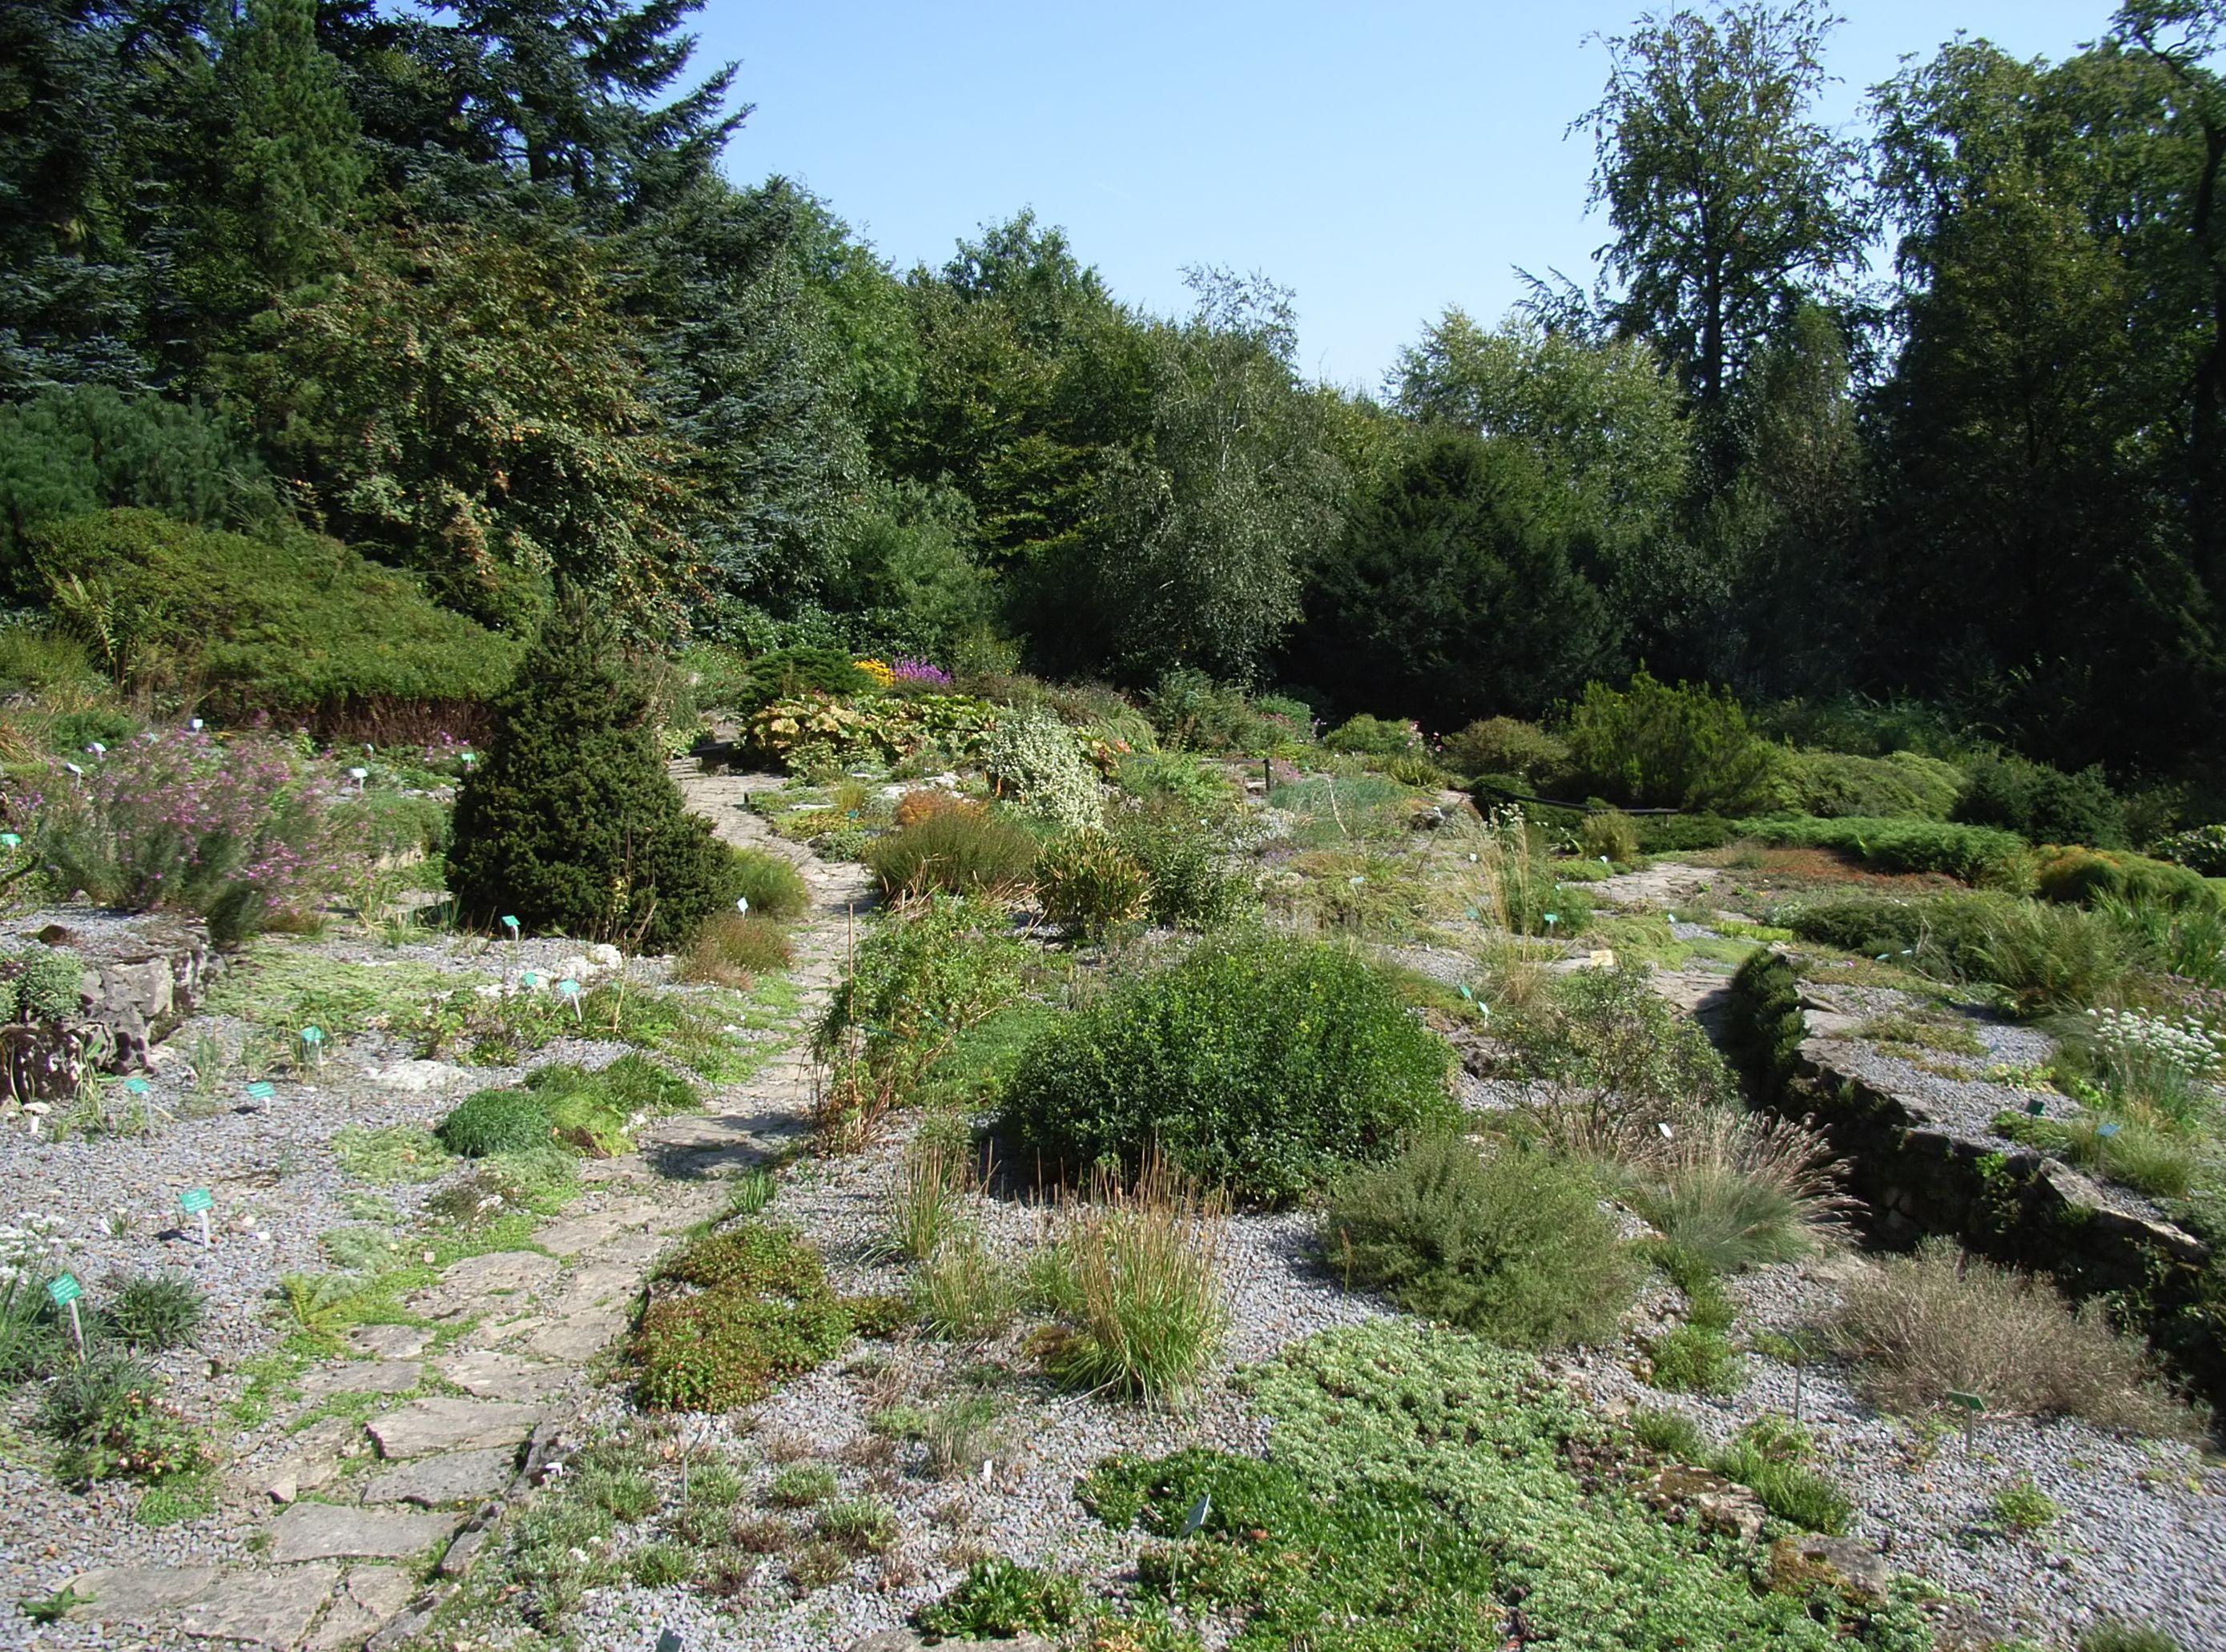 Botanischer garten bielefeld - Ankergarten bielefeld ...